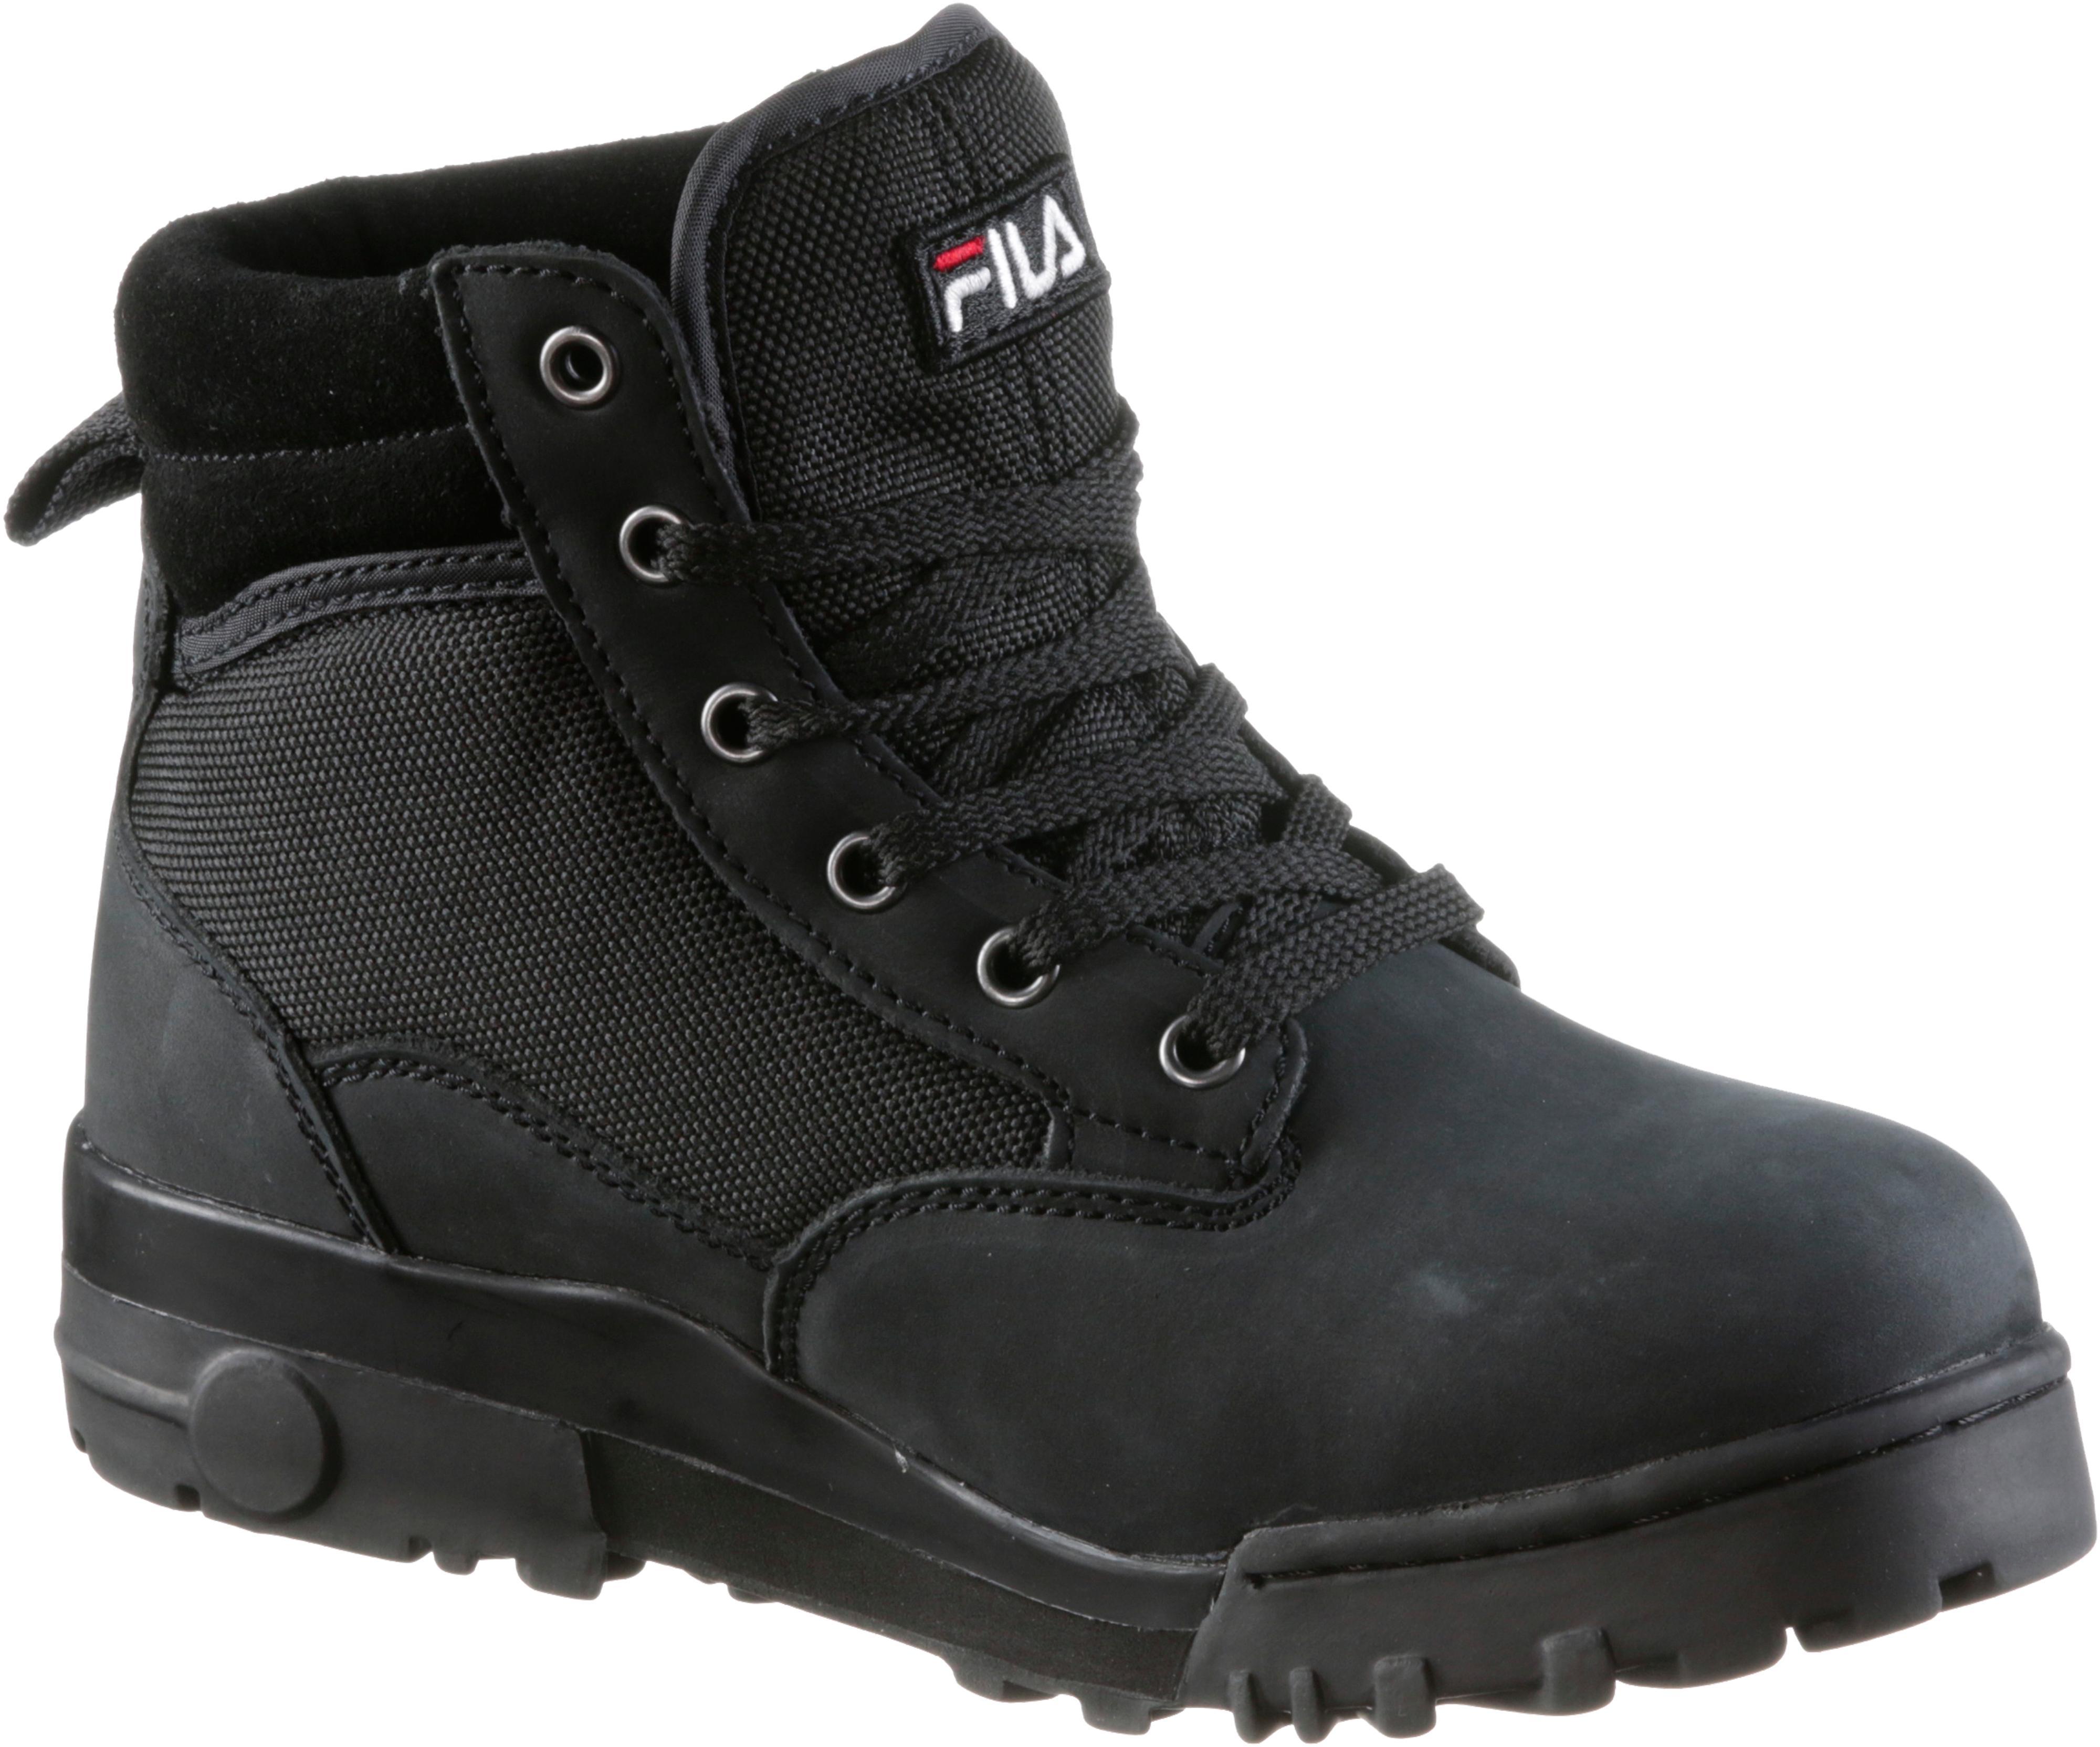 FILA Grunge Mid Stiefel Damen schwarz im Online Shop von von von SportScheck kaufen Gute Qualität beliebte Schuhe 805f2c